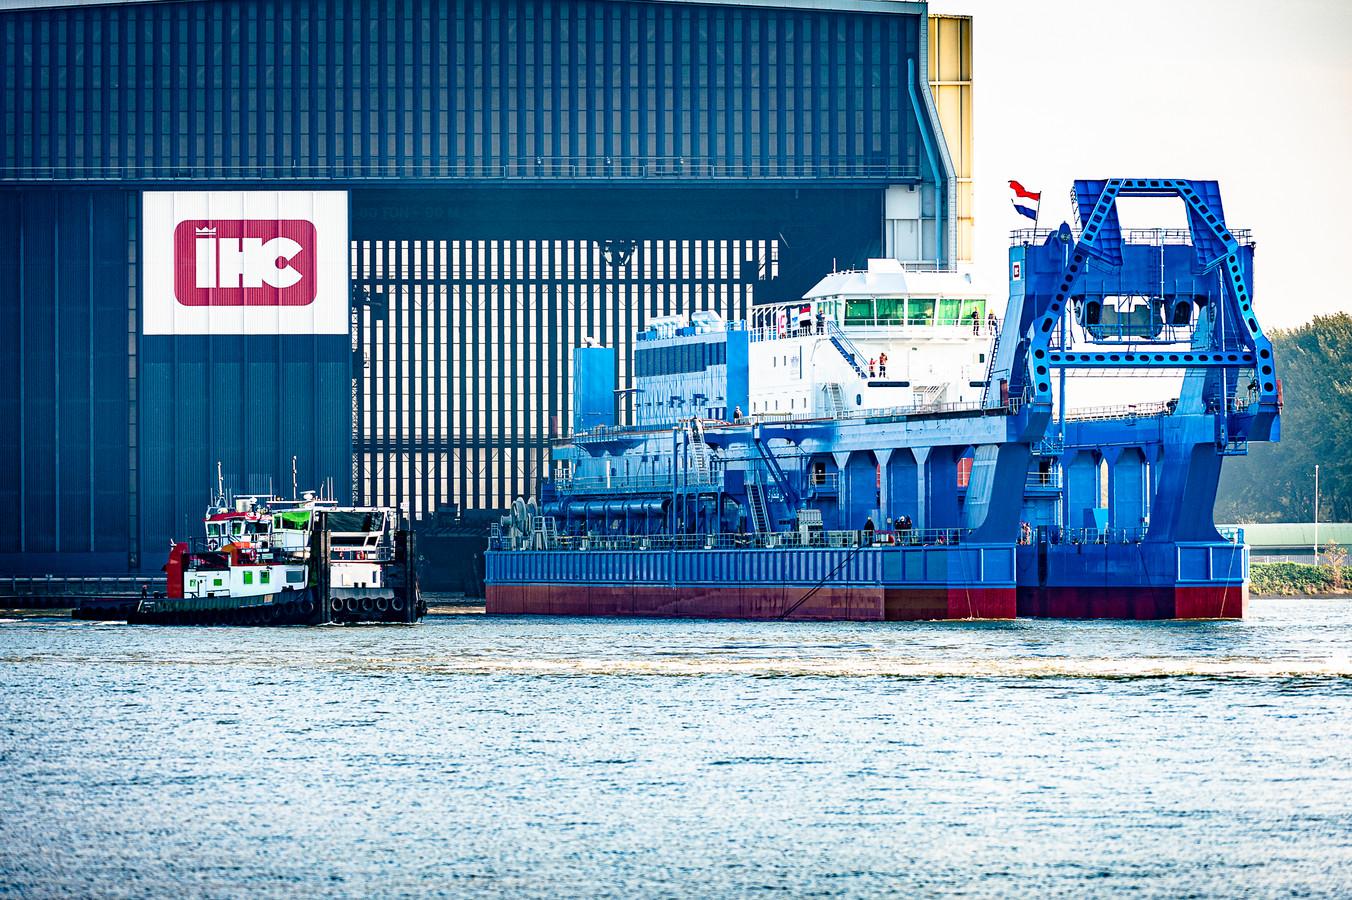 Deze zomer werd het laatste schip te water gelaten bij IHC; er zijn geen opdrachten meer.